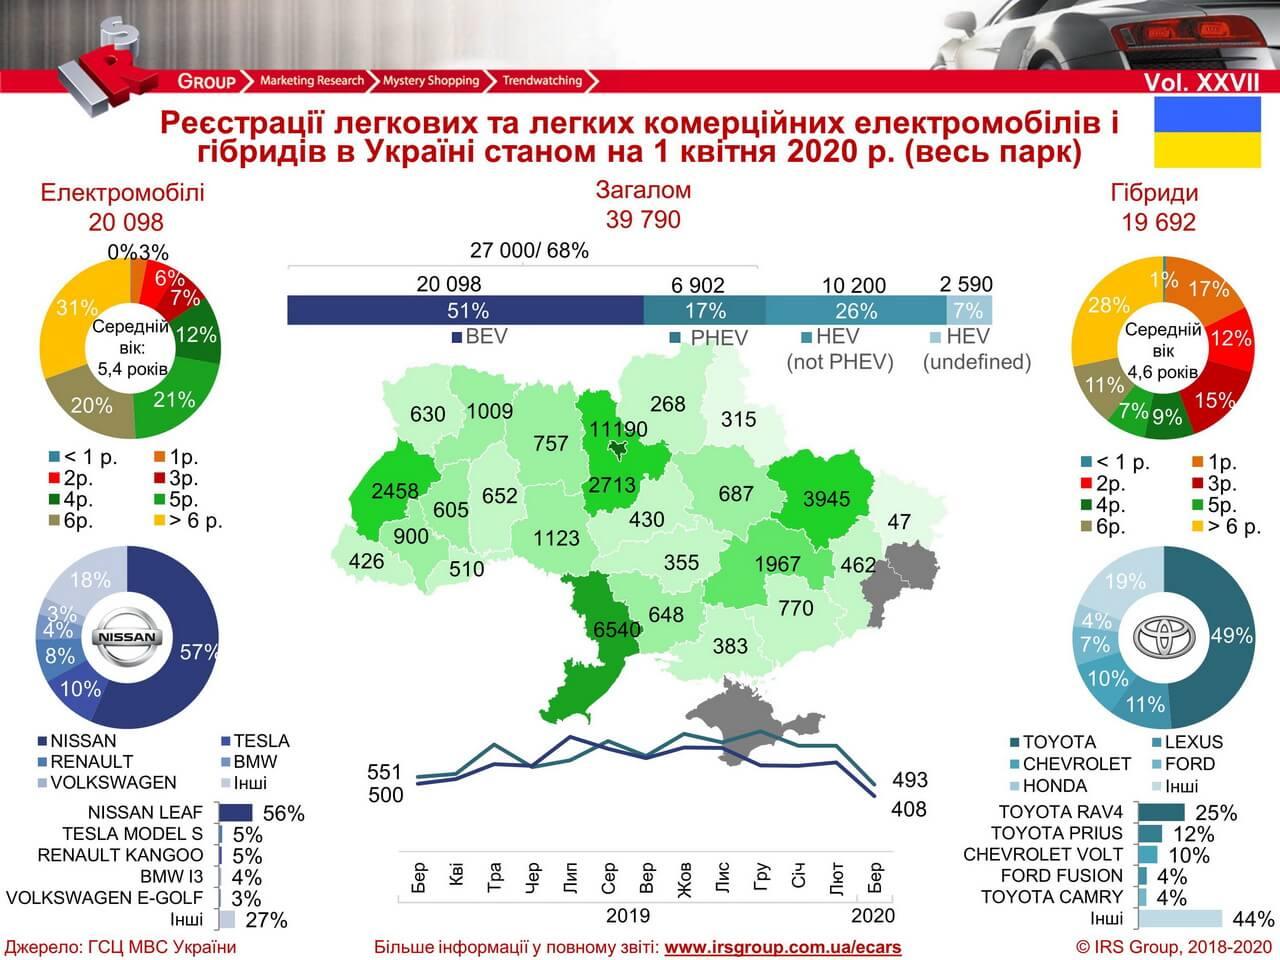 Количество зарегистрированных электрических и гибридных автомобилей в Украине на 01.04.2020 года